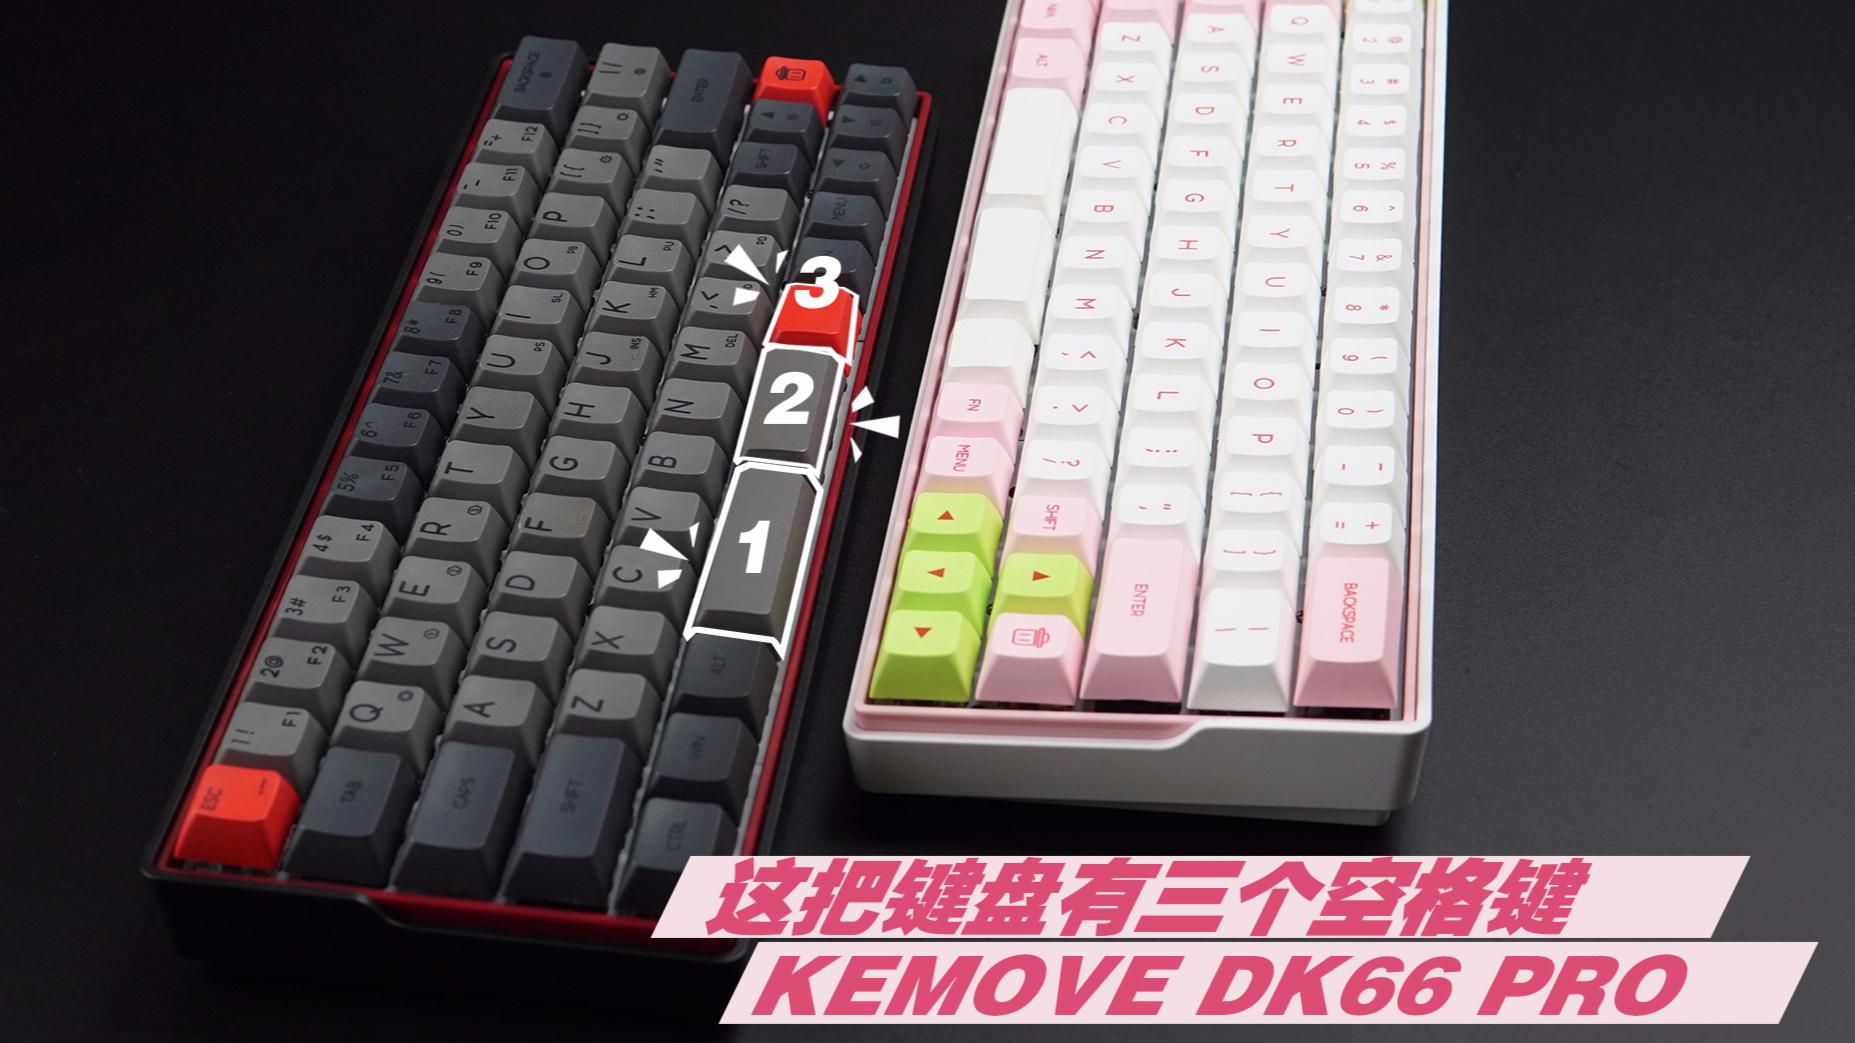 三段式空格键 用过都说回不去?KEMOVE DK66 PRO开箱